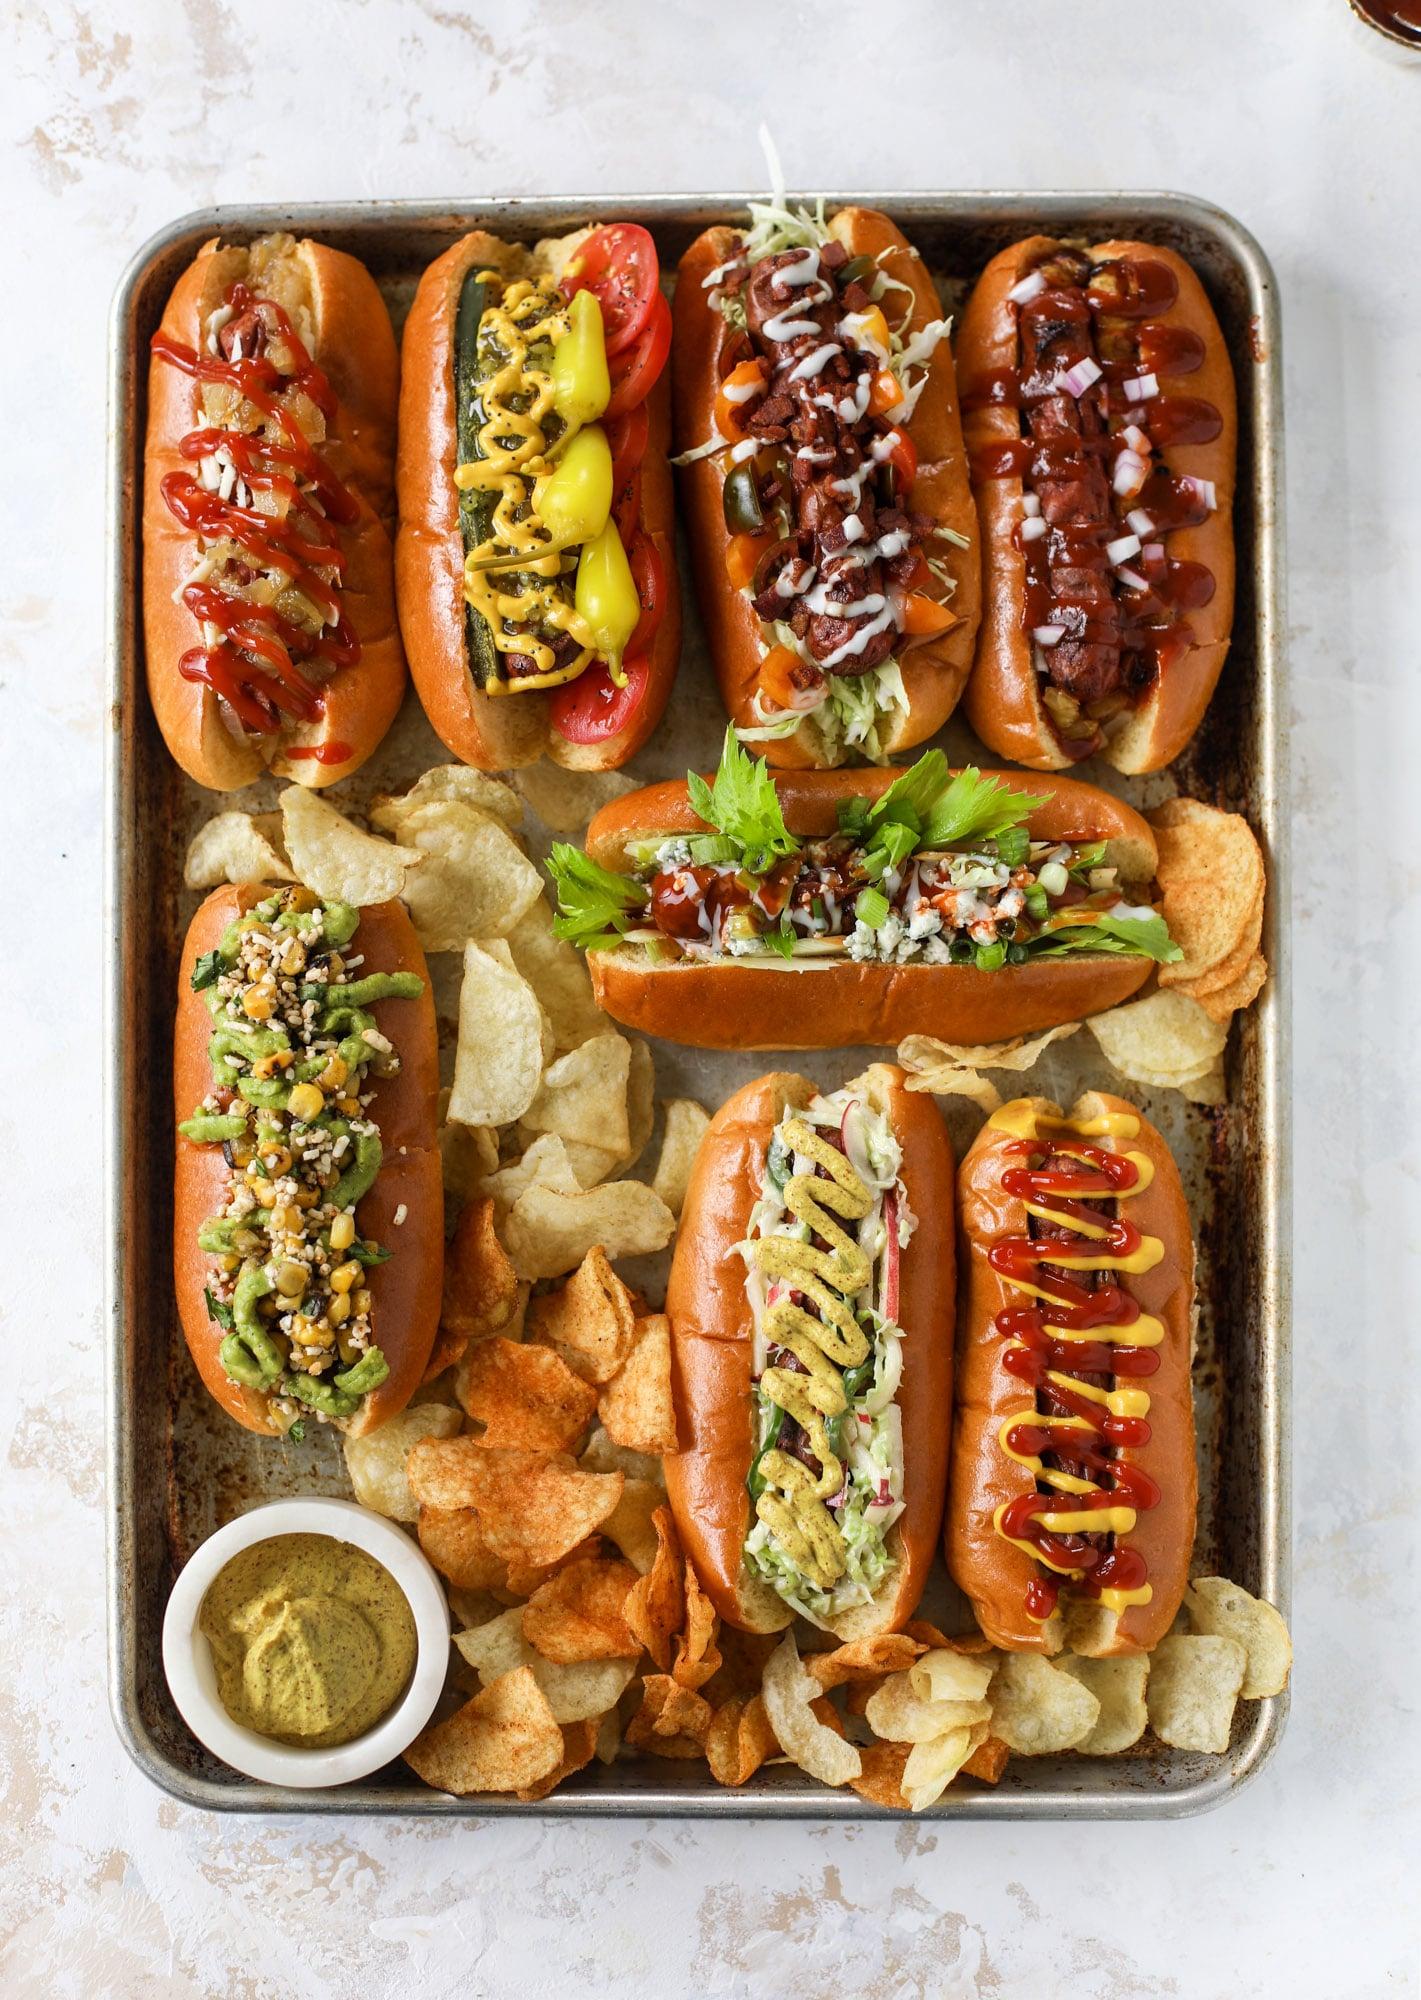 Hot Dog Bar - How to Make a Hot Dog Bar + 9 Fancy Hot Dogs